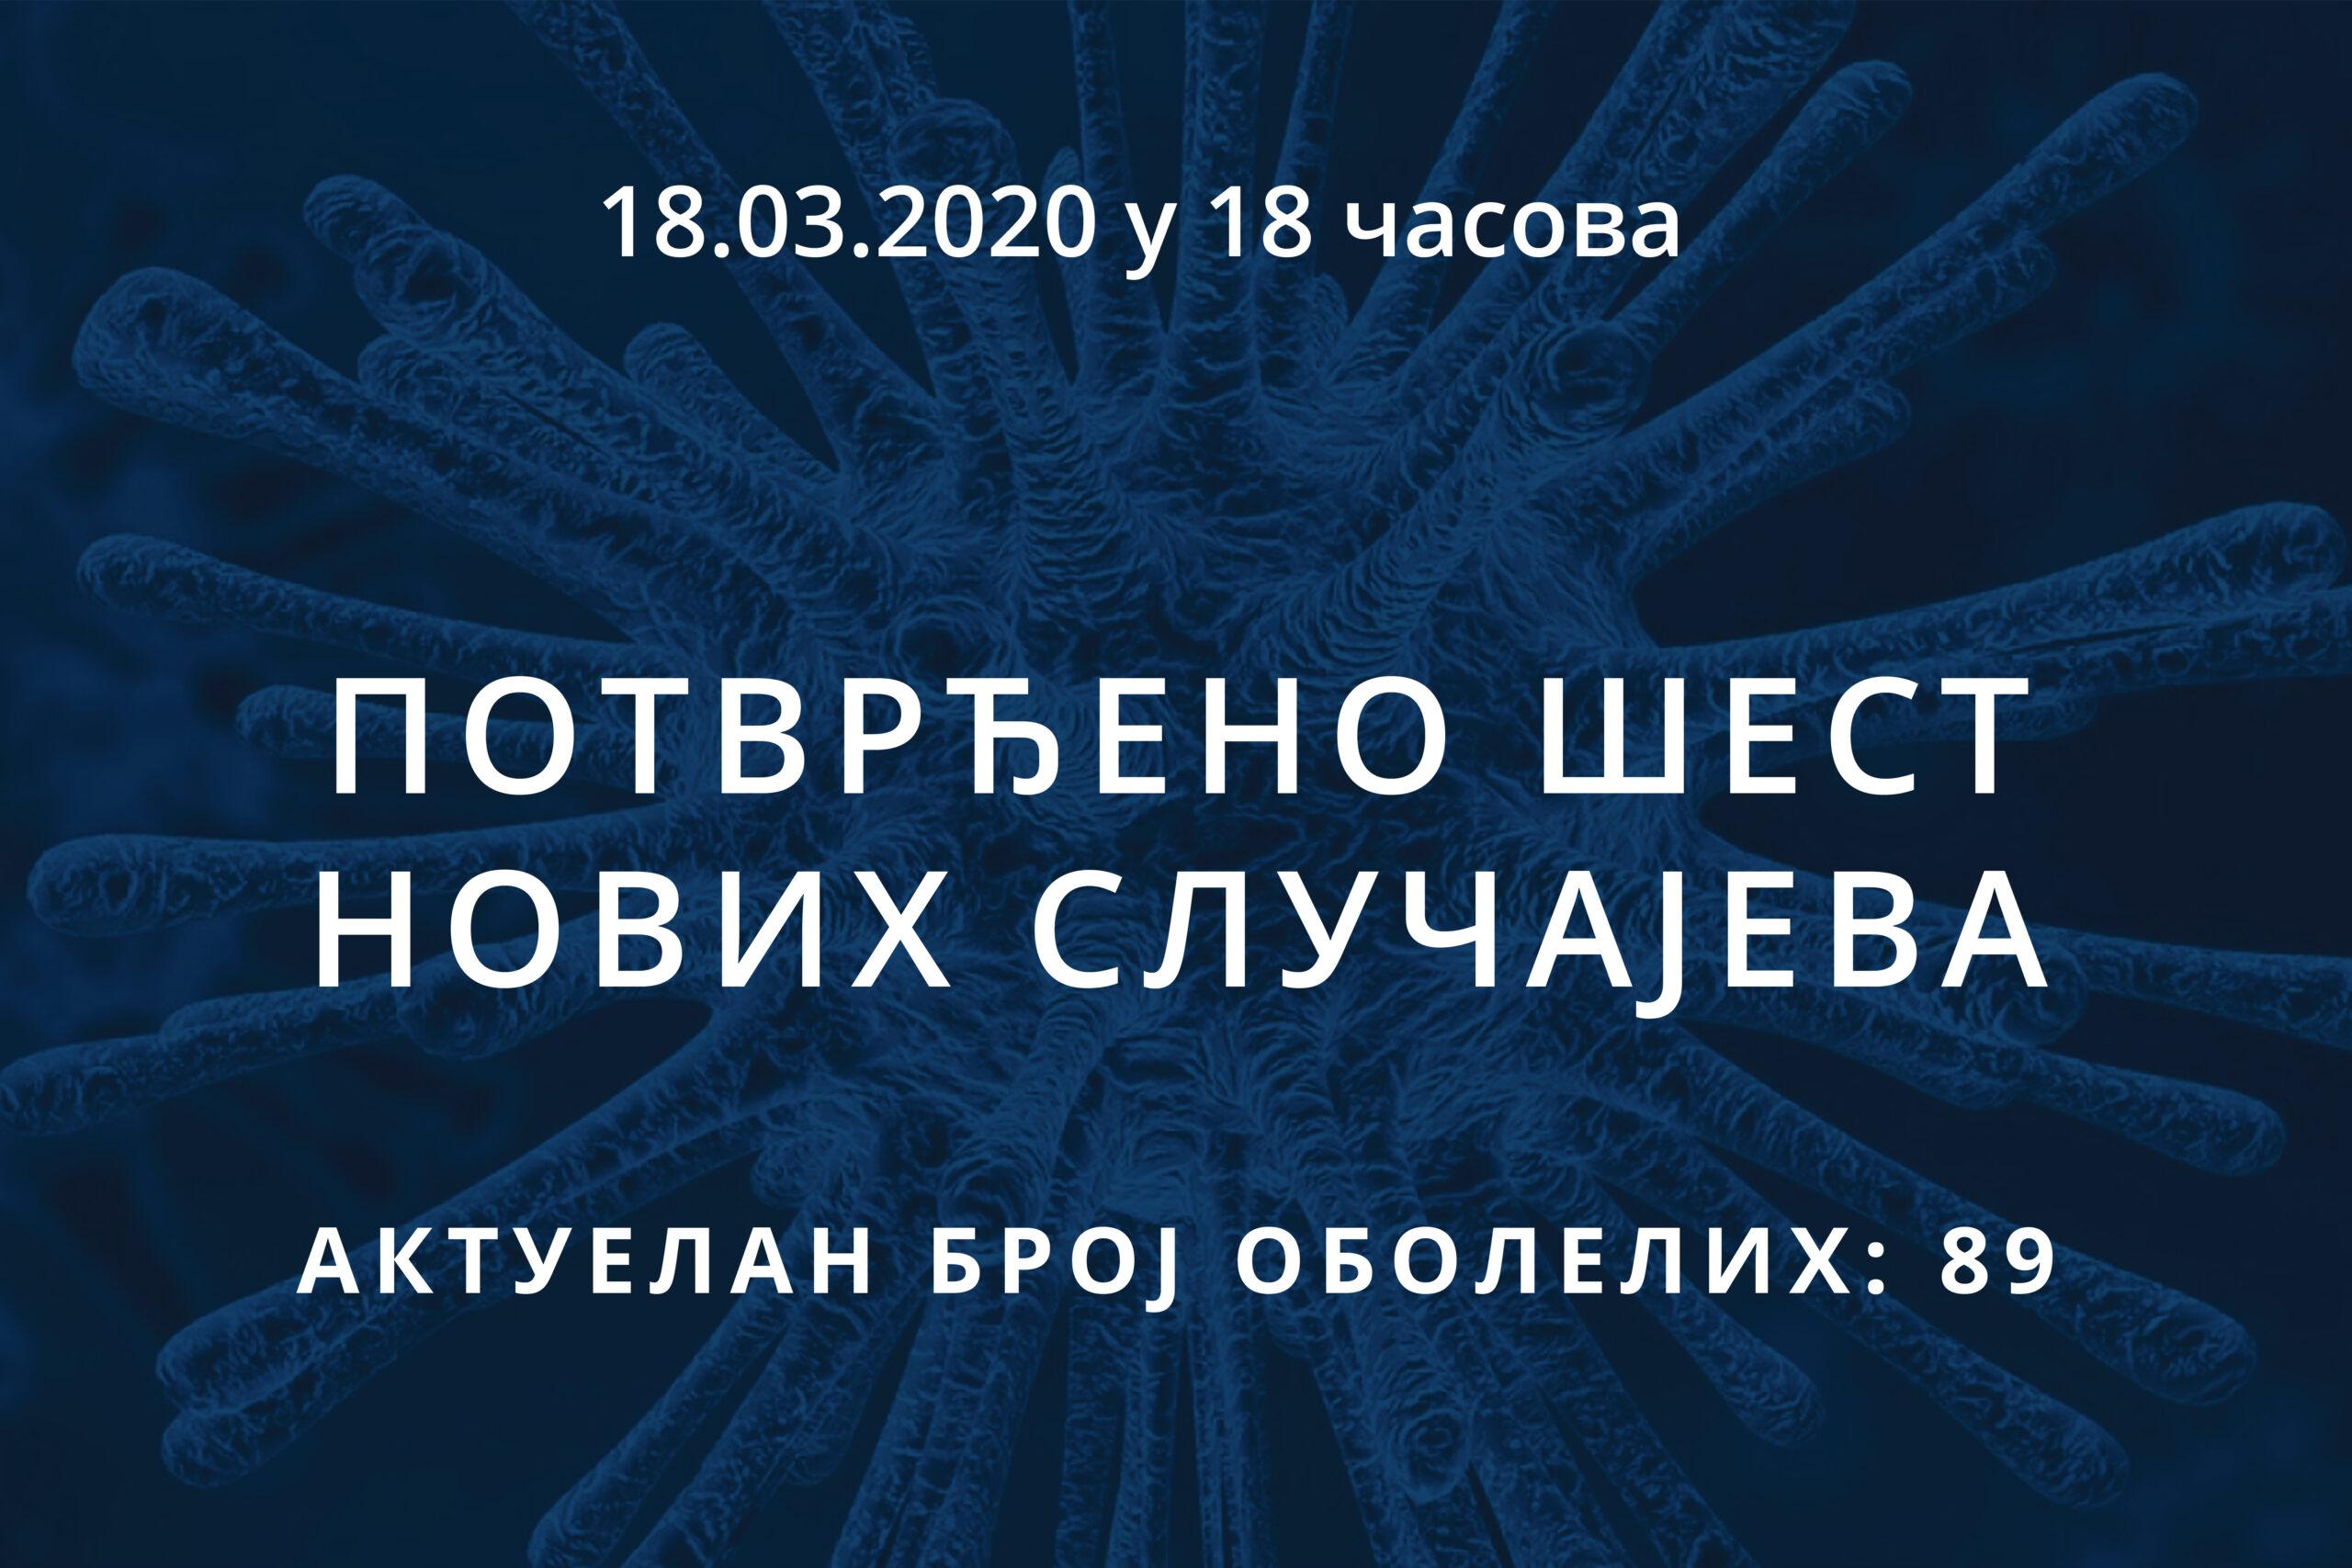 You are currently viewing Информације о корона вирусу COVID-19, 18.03.2020 у 18 часова